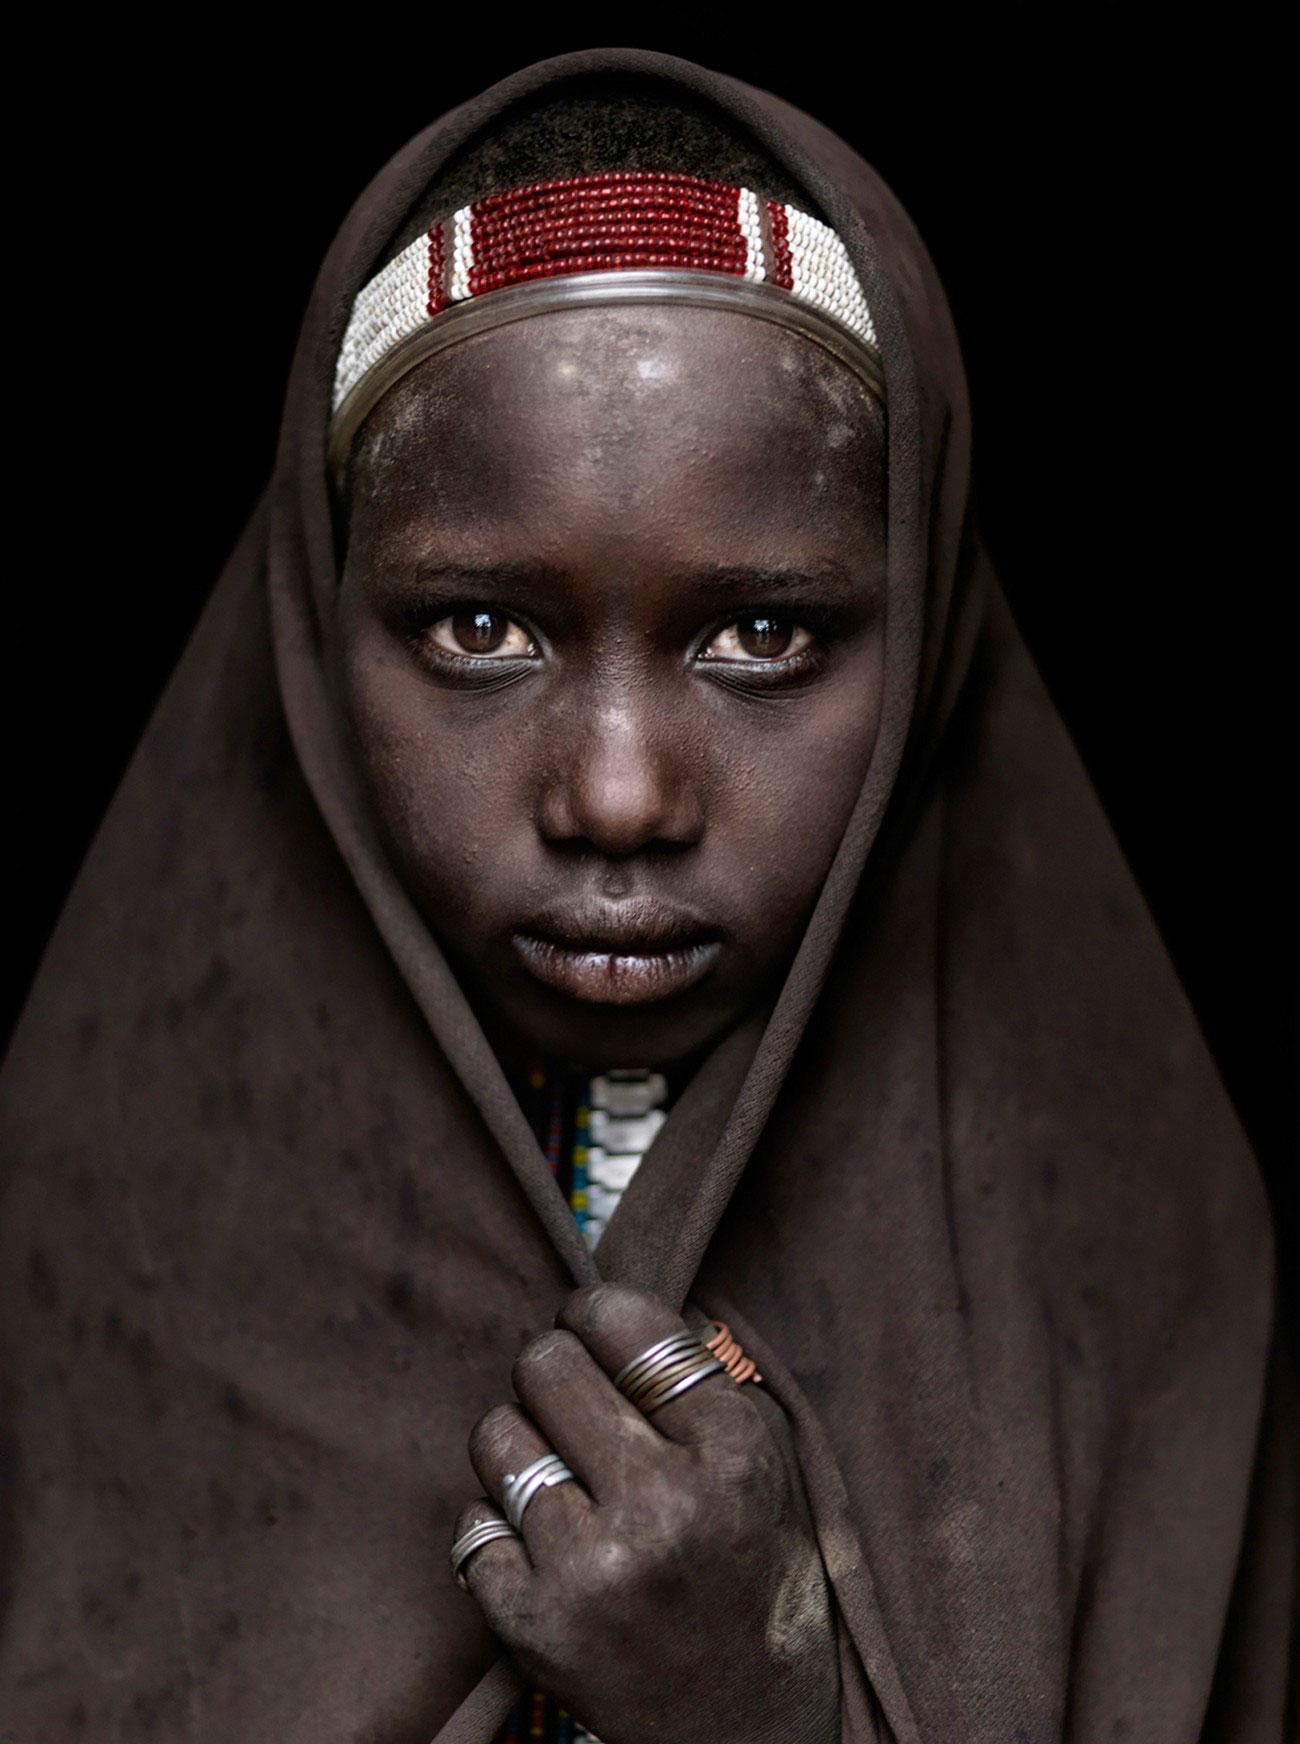 девушка из африканского эфиопского племени